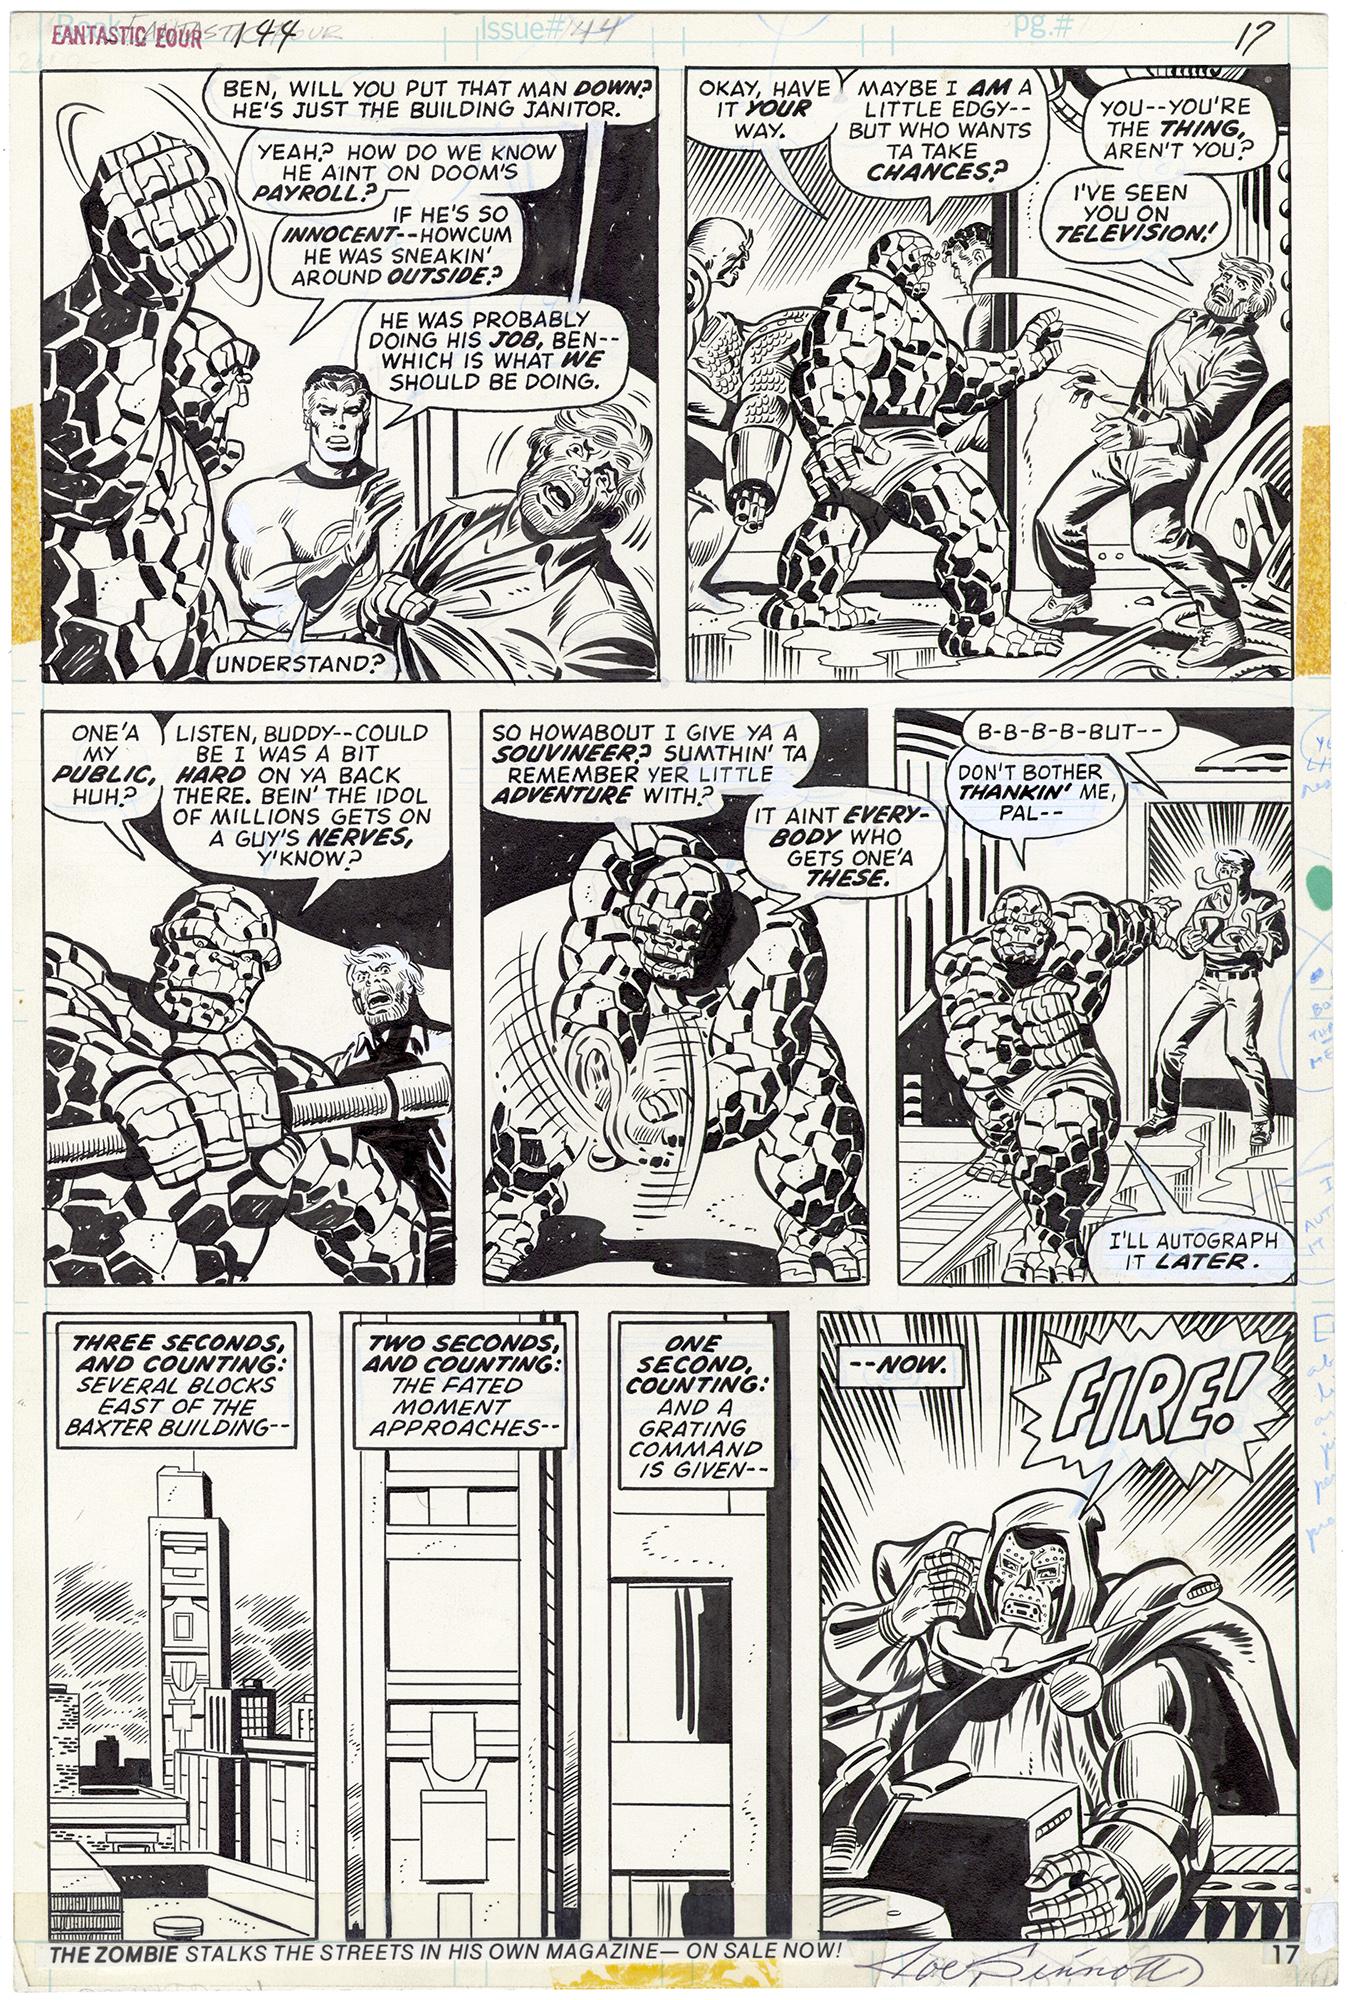 Fantastic Four #144 p17